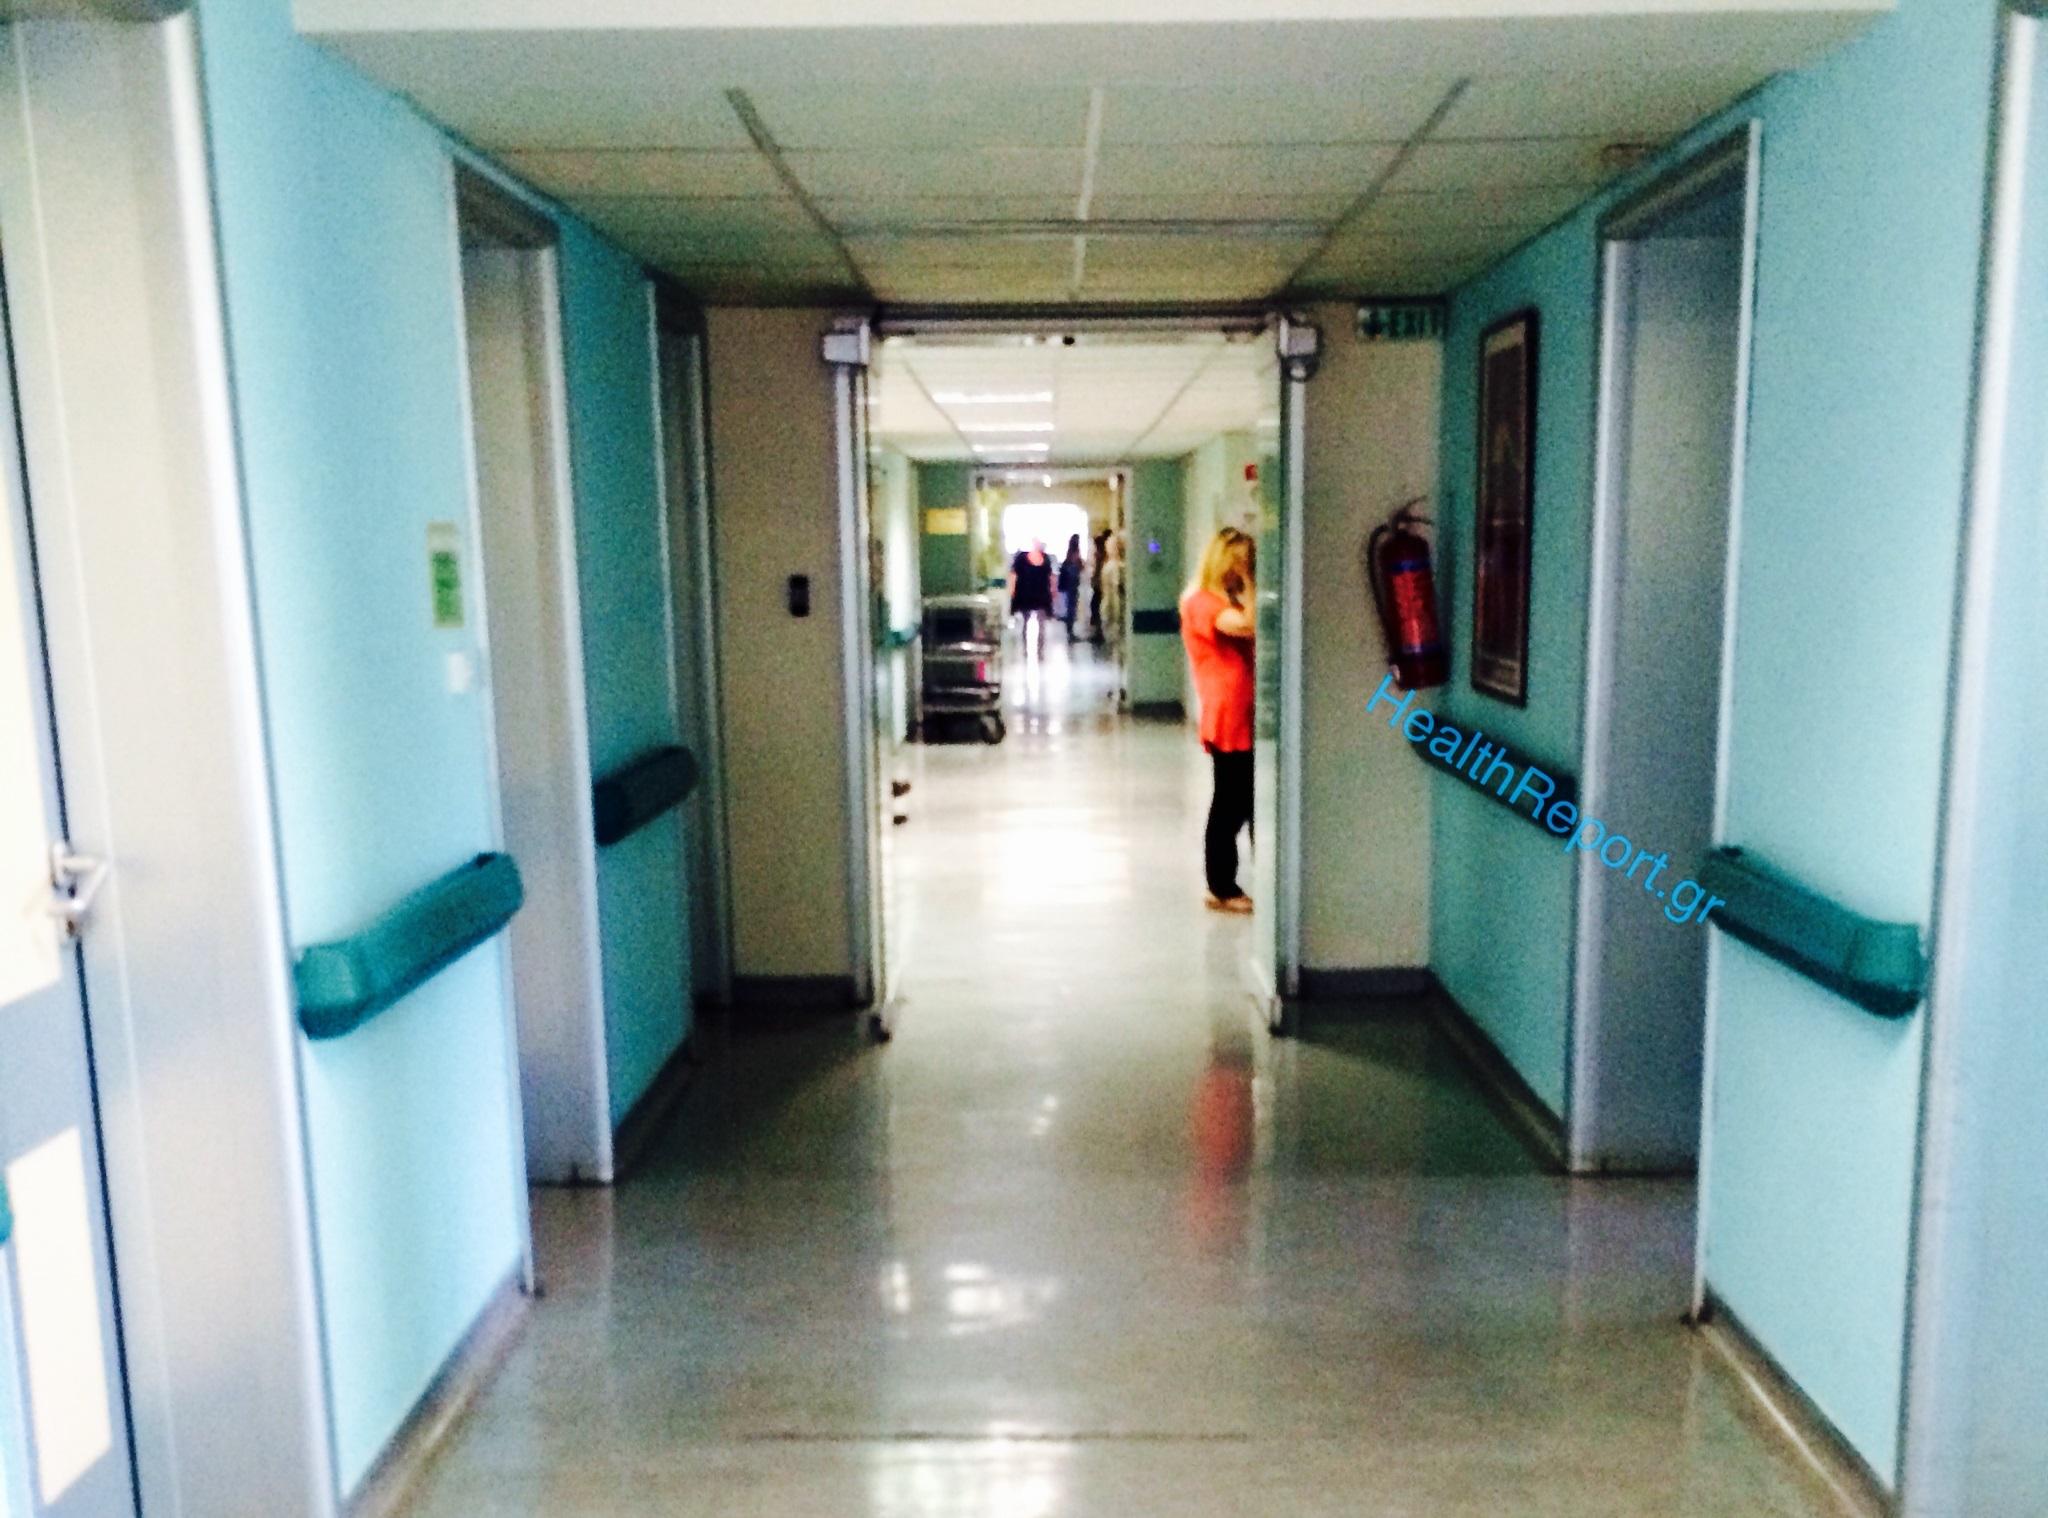 Διοικητές Νοσοκομείων: Αθόρυβες διορθώσεις της τελευταίας στιγμής! Ποιοι δεν θα διορισθούν - Φωτογραφία 1